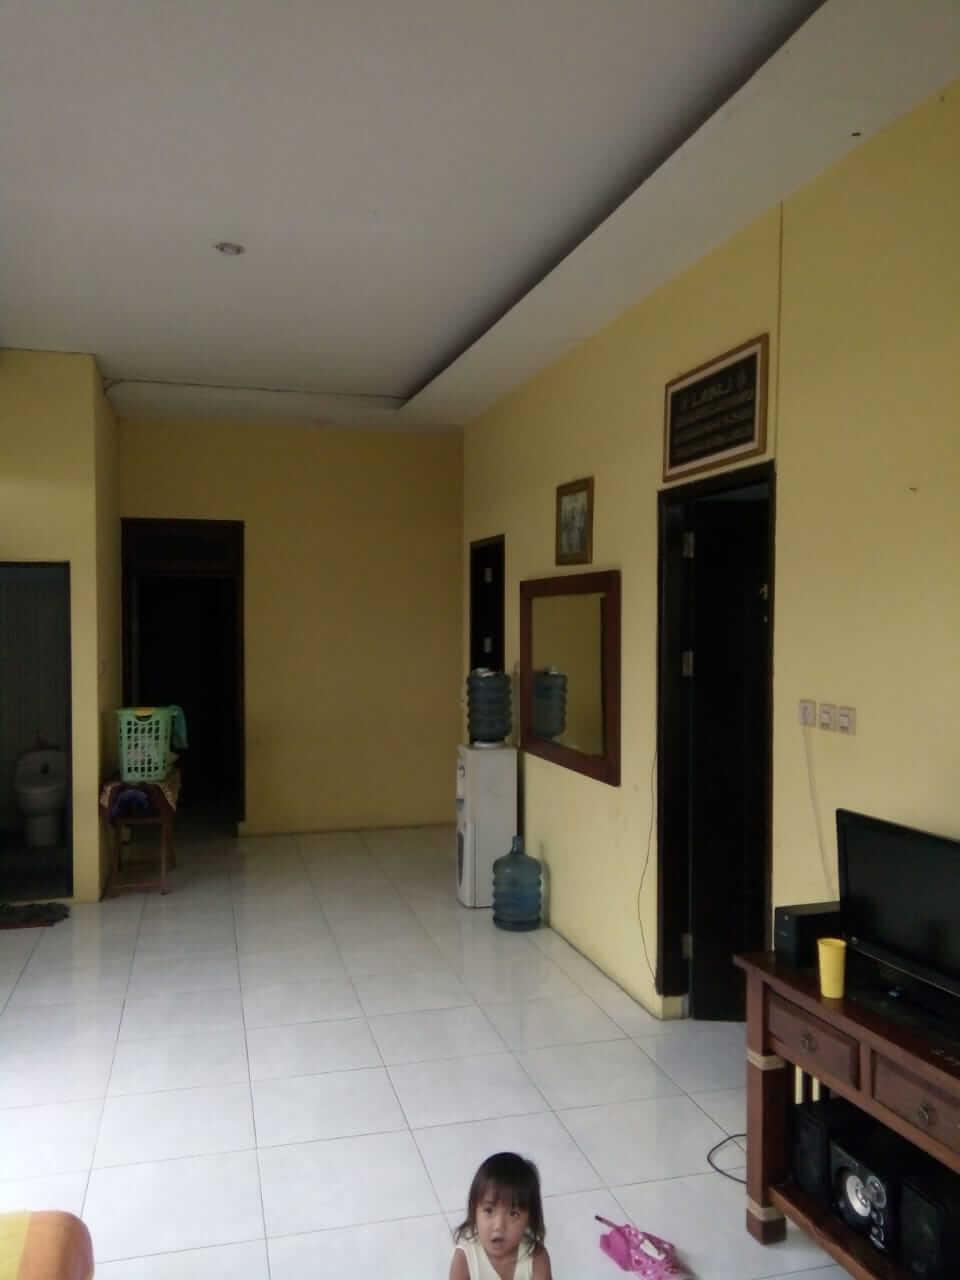 Jual Rumah Minimalis Griya Candramas Sedati Sidoarjo - BeliSewaRumah - Tampak Dalam 2